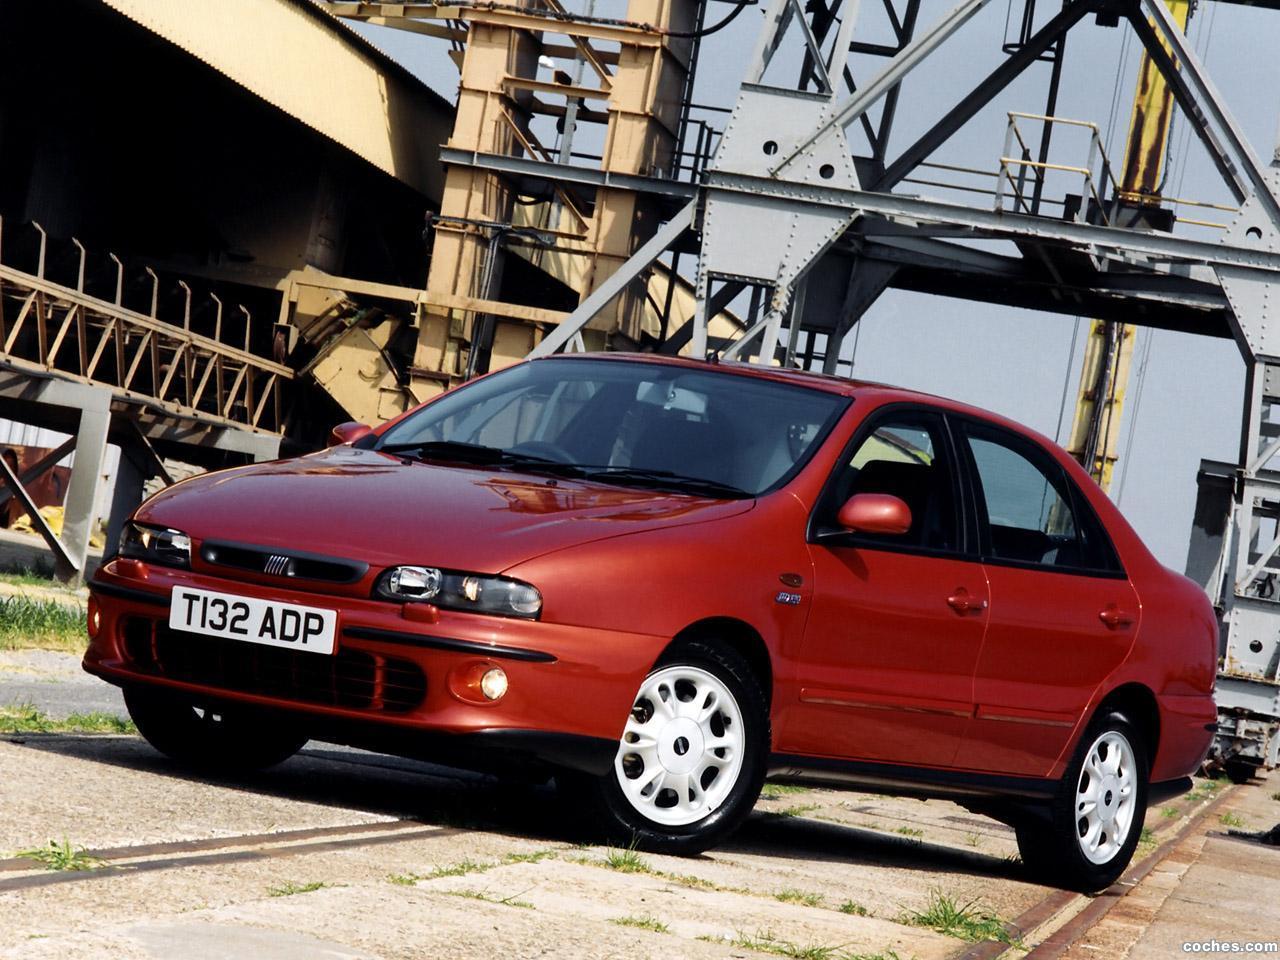 Foto 0 de Fiat Marea UK 1996